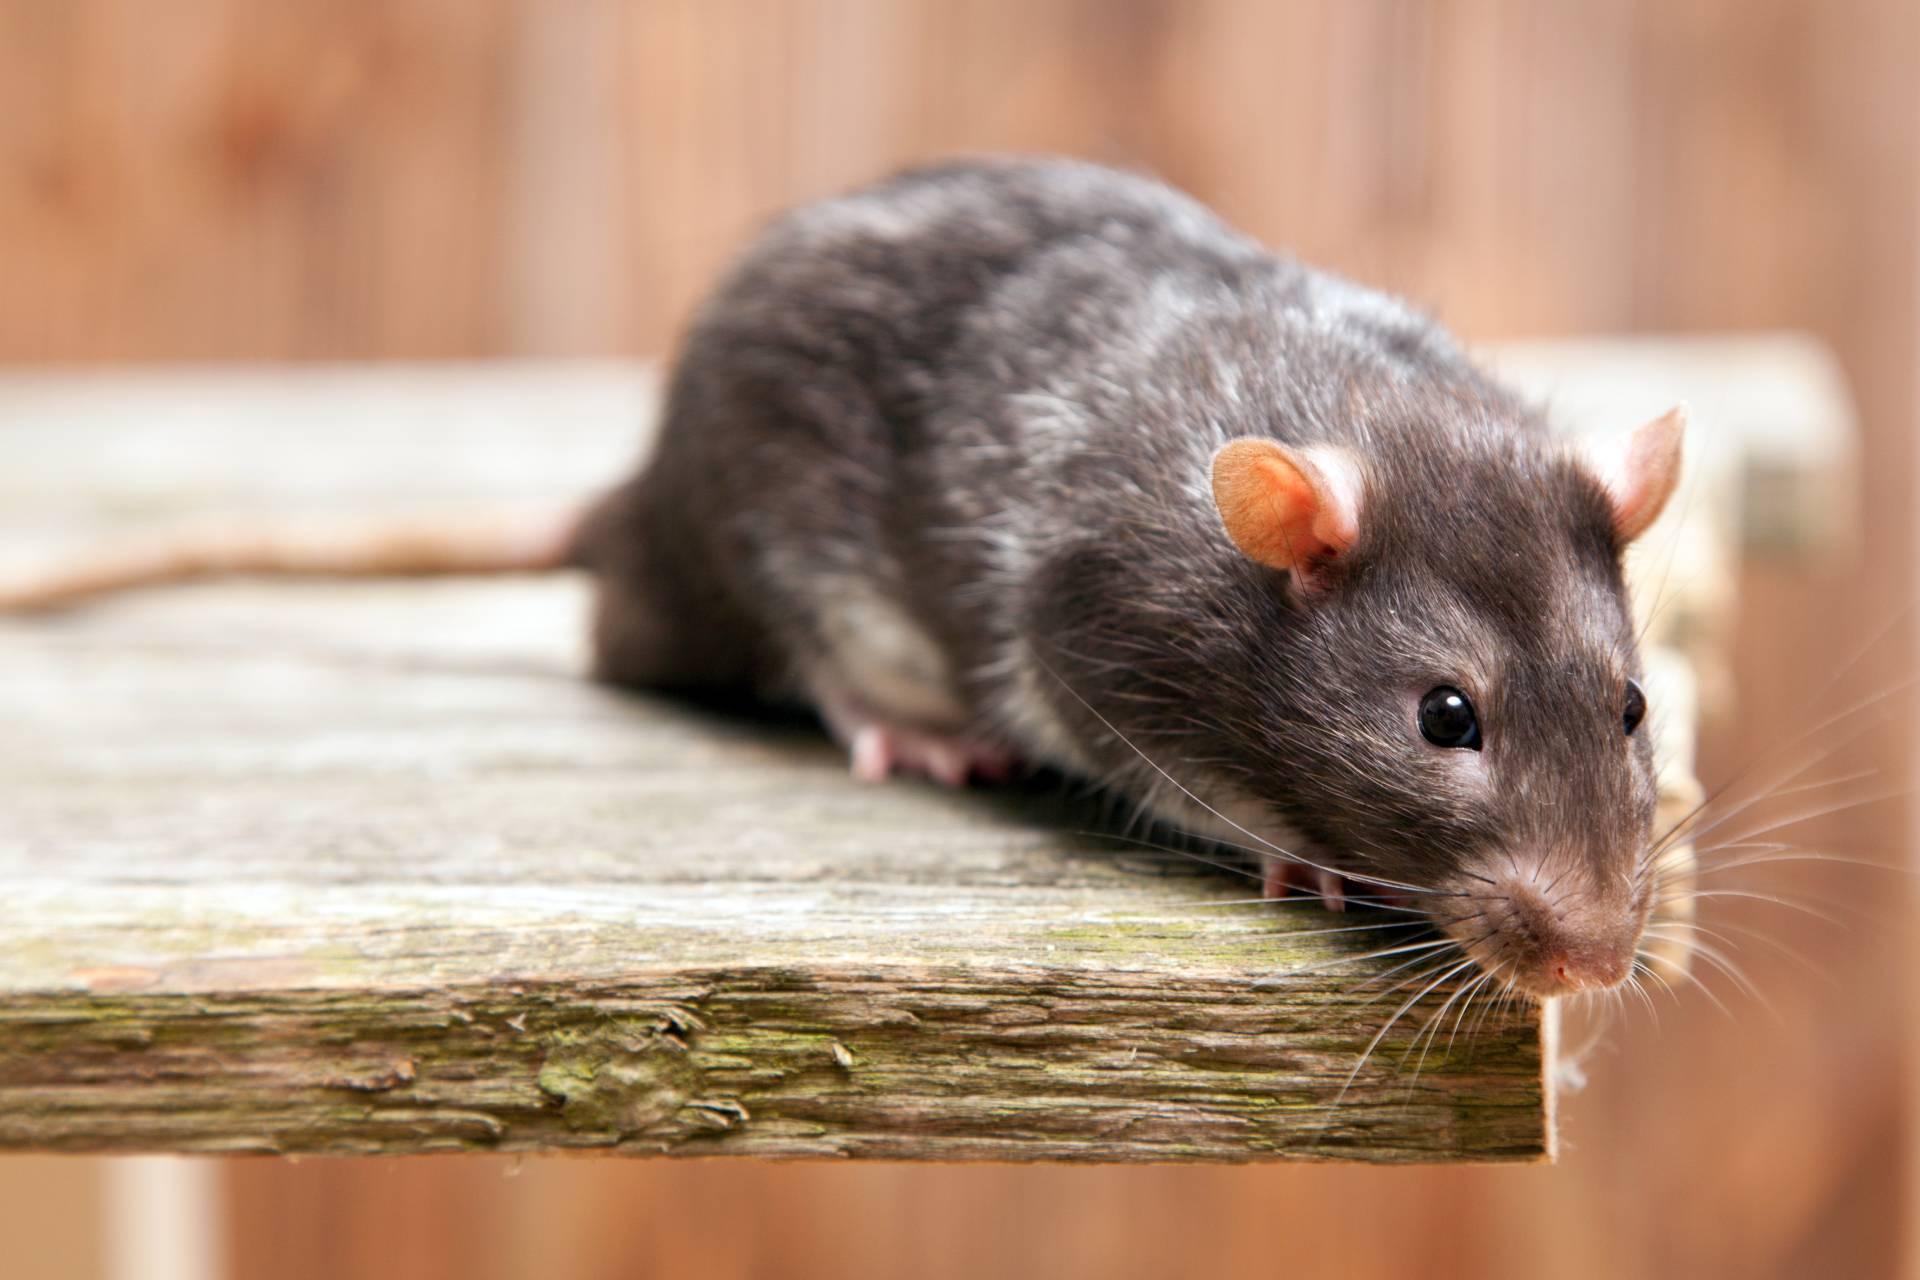 Dedetizadora de Ratos - Niterói e Rio de Janeiro